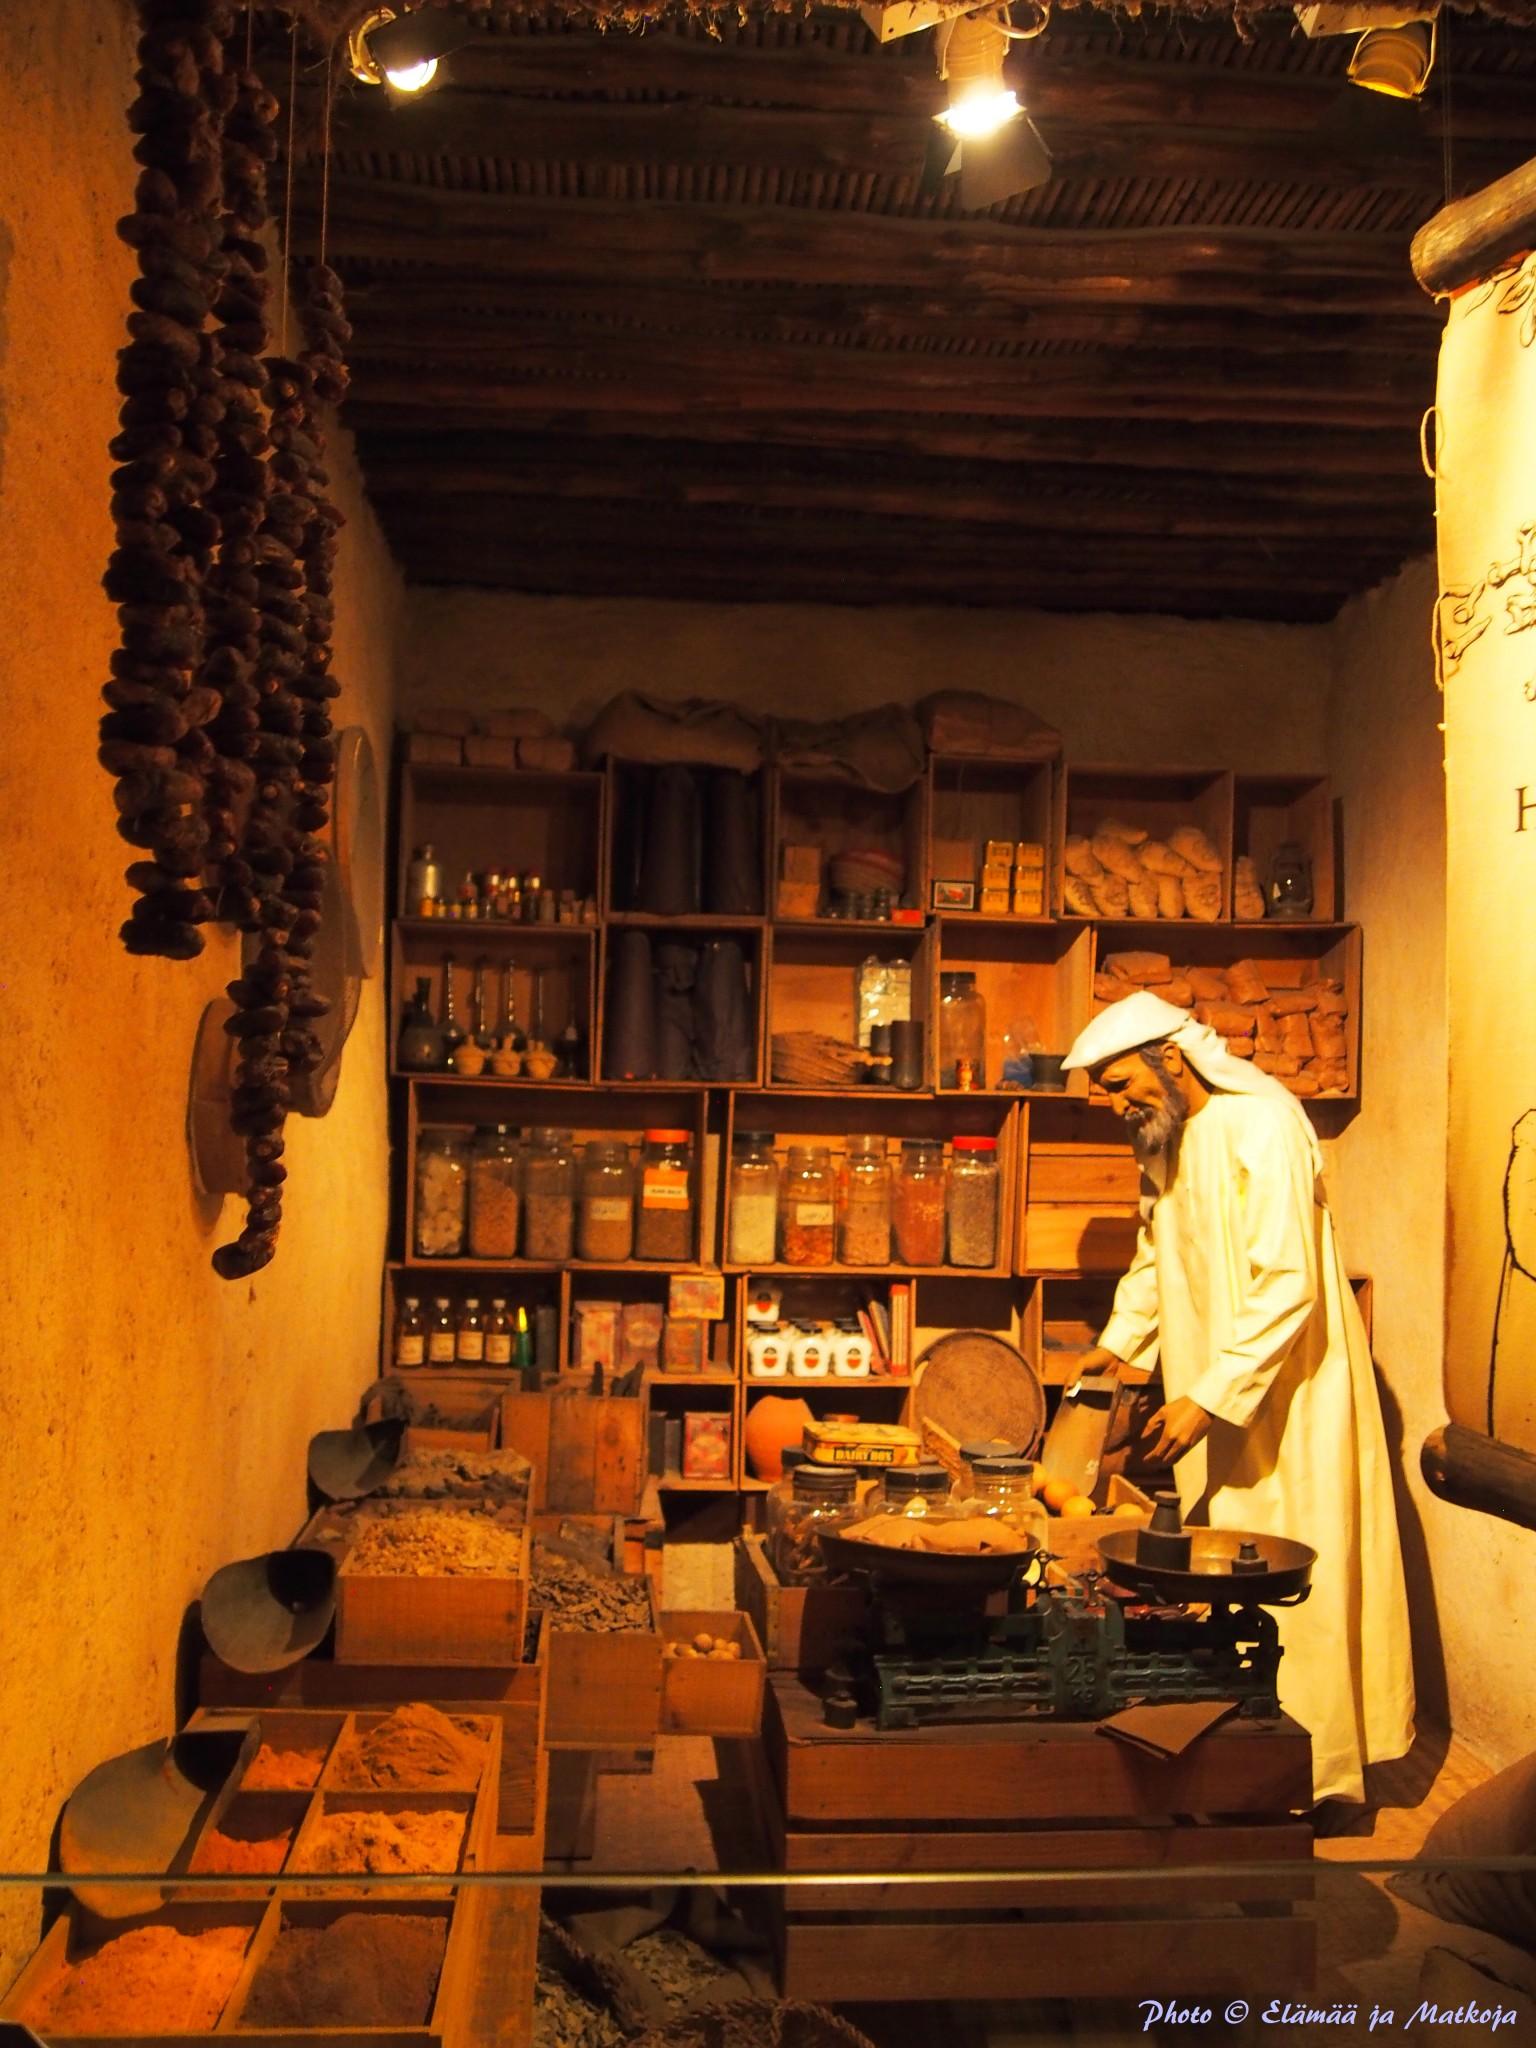 Dubai Museum 17 Photo © Elämää ja Matkoja